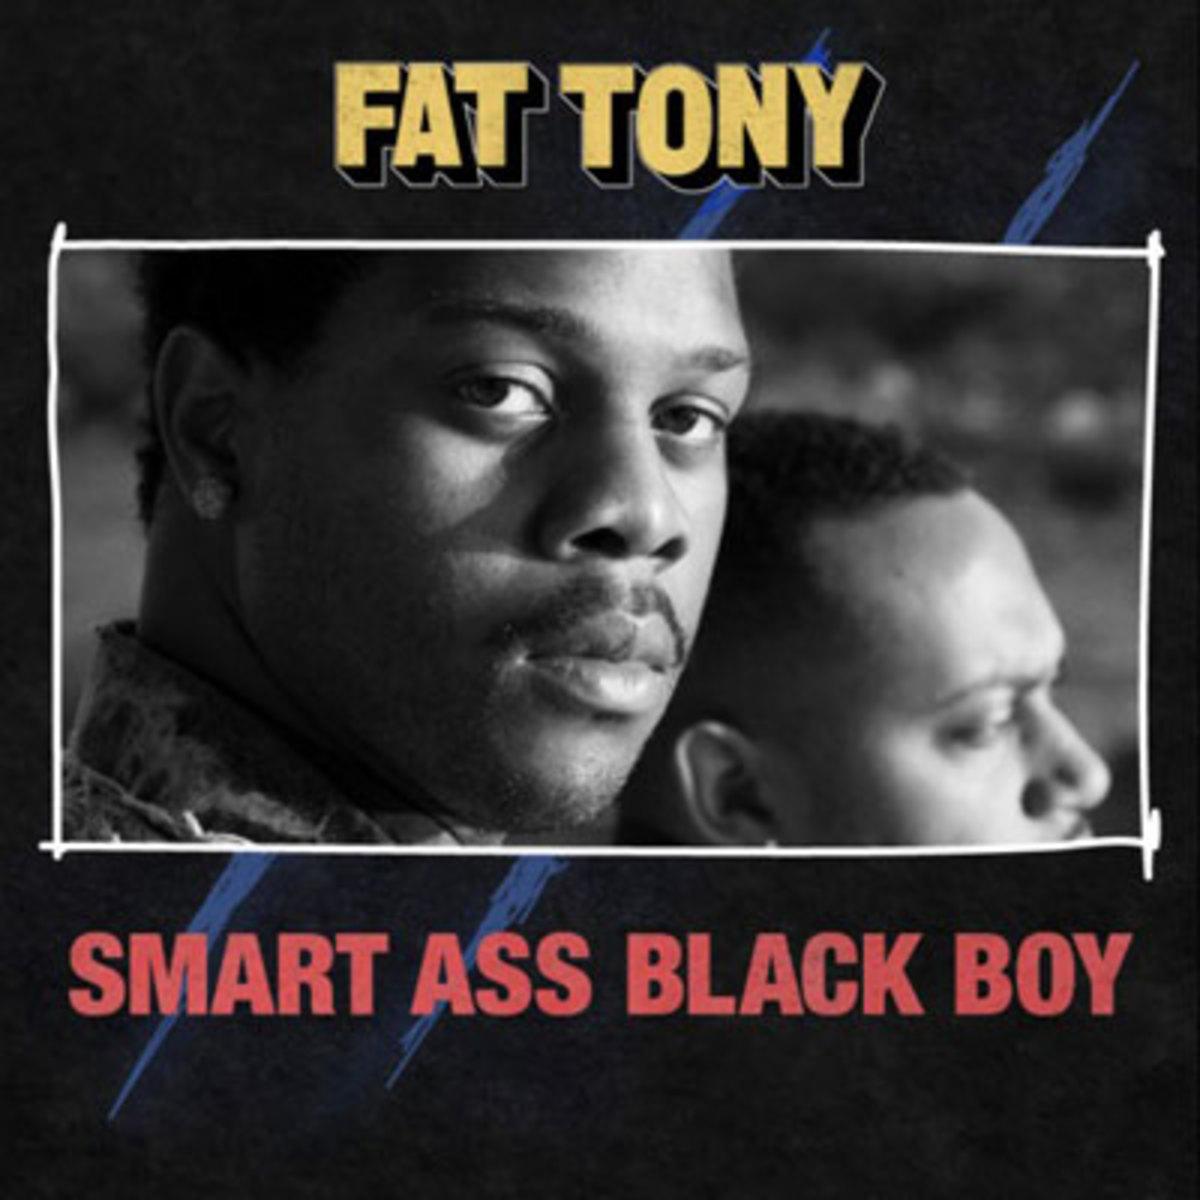 fatboy-smartablackboy.jpg